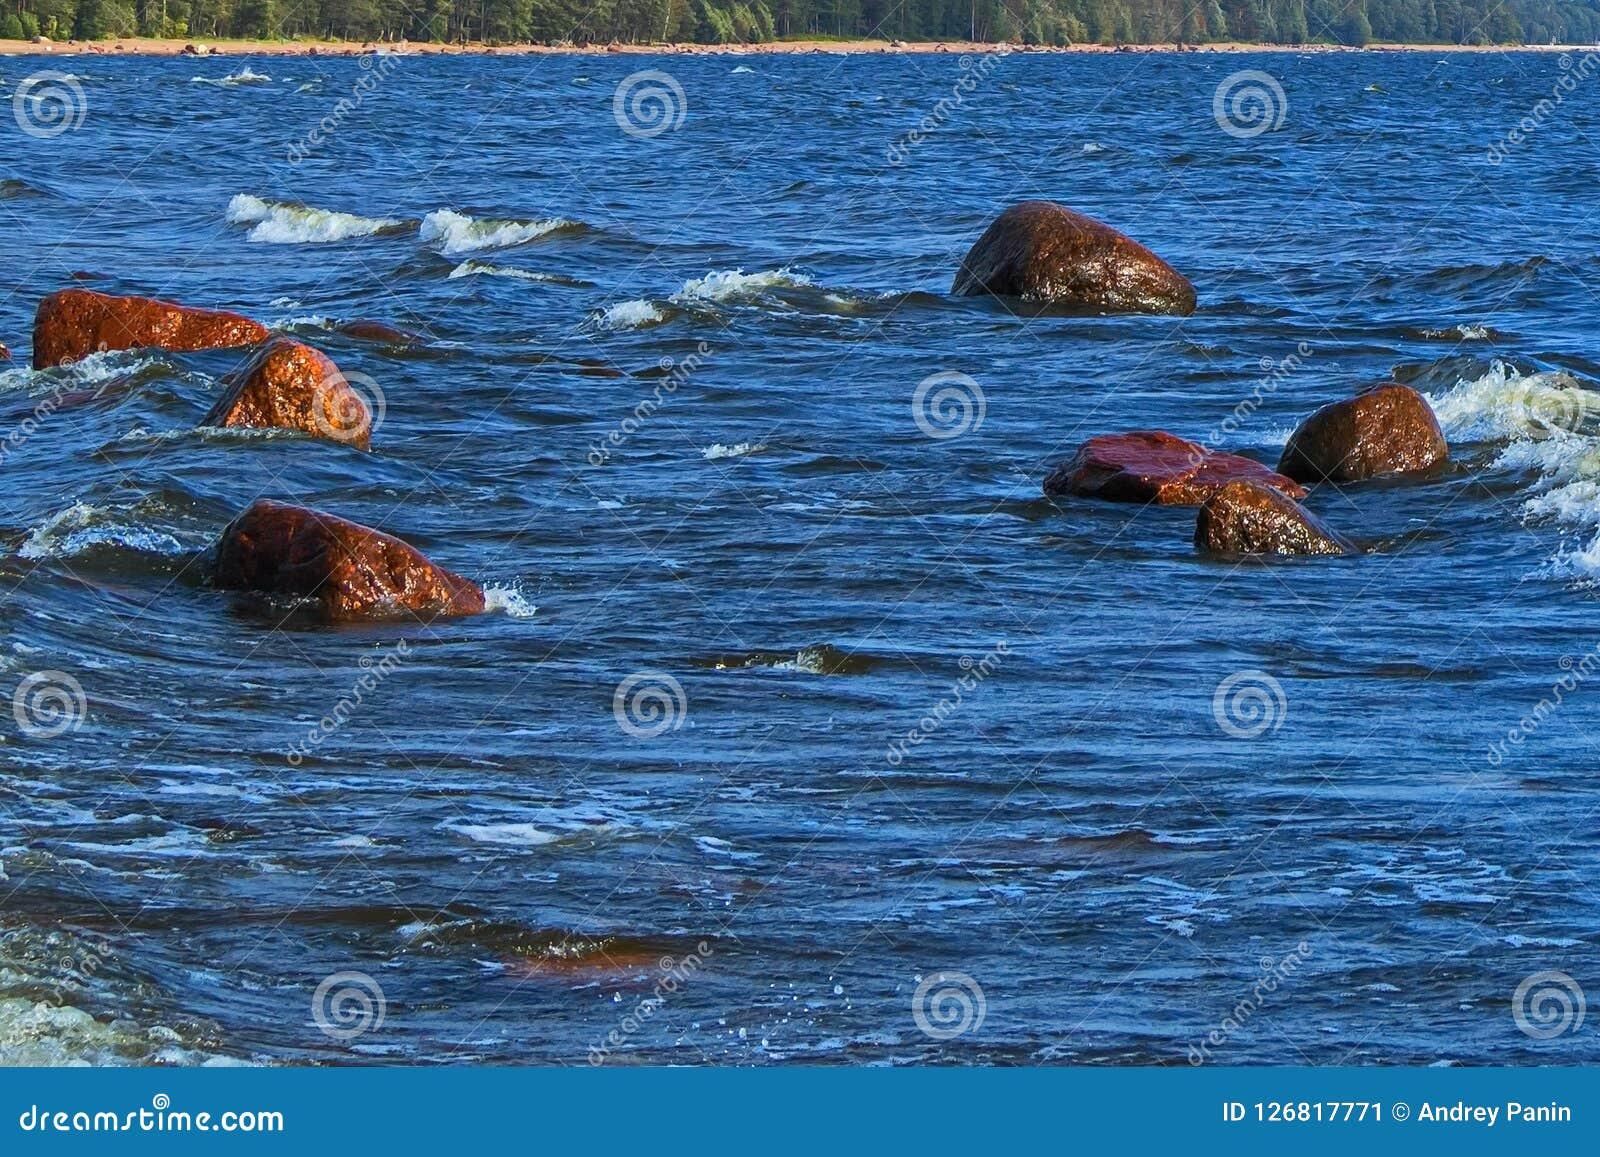 Woda i skały aphrodite miejsce narodzin cibory zbliżać paphos petra skał romiou tou fala ciężka miękka część